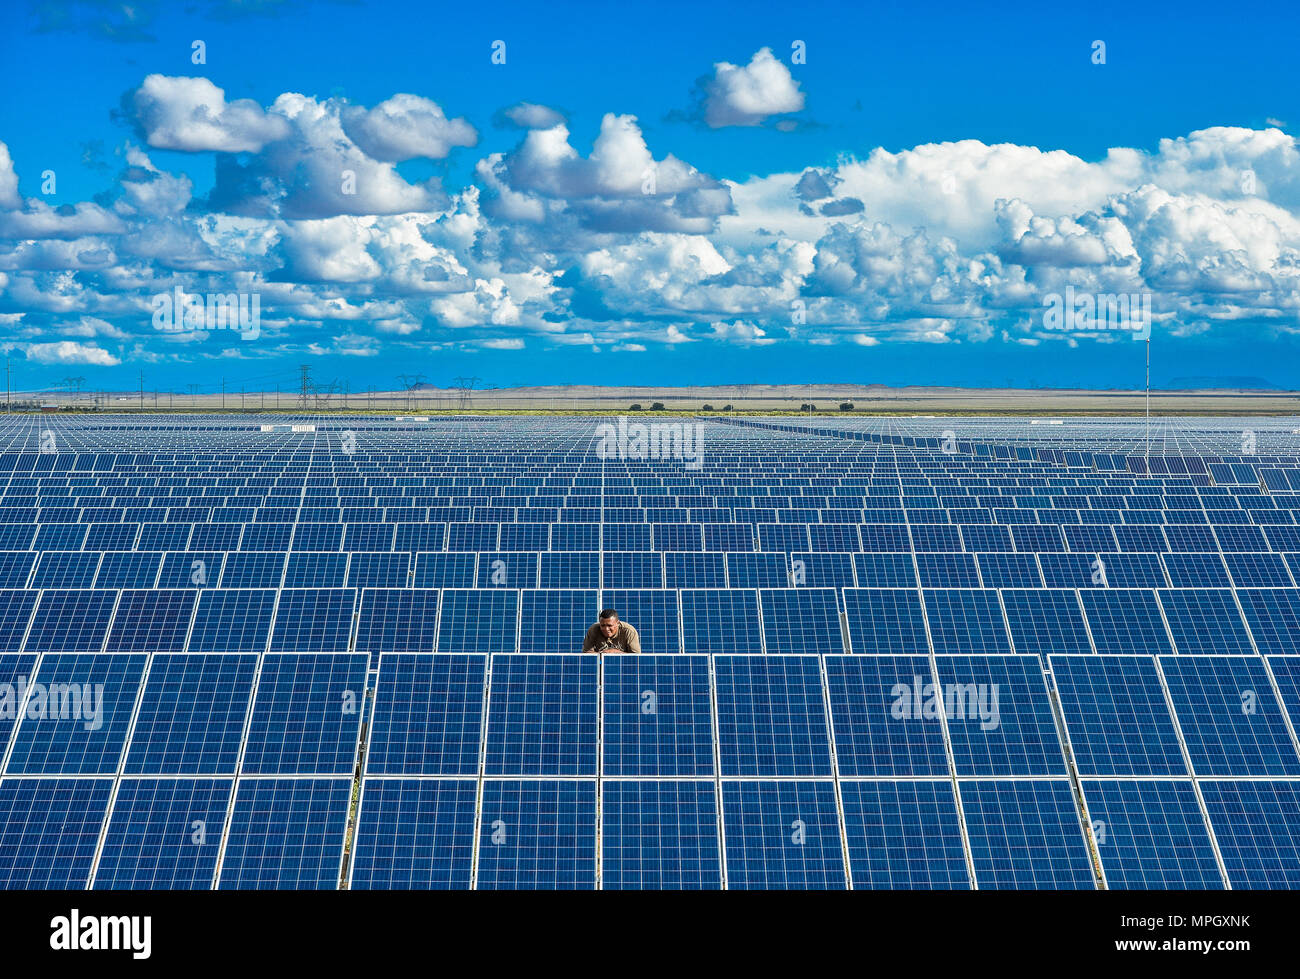 Un hombre comprueba los paneles solares en una granja solar en Sudáfrica Imagen De Stock